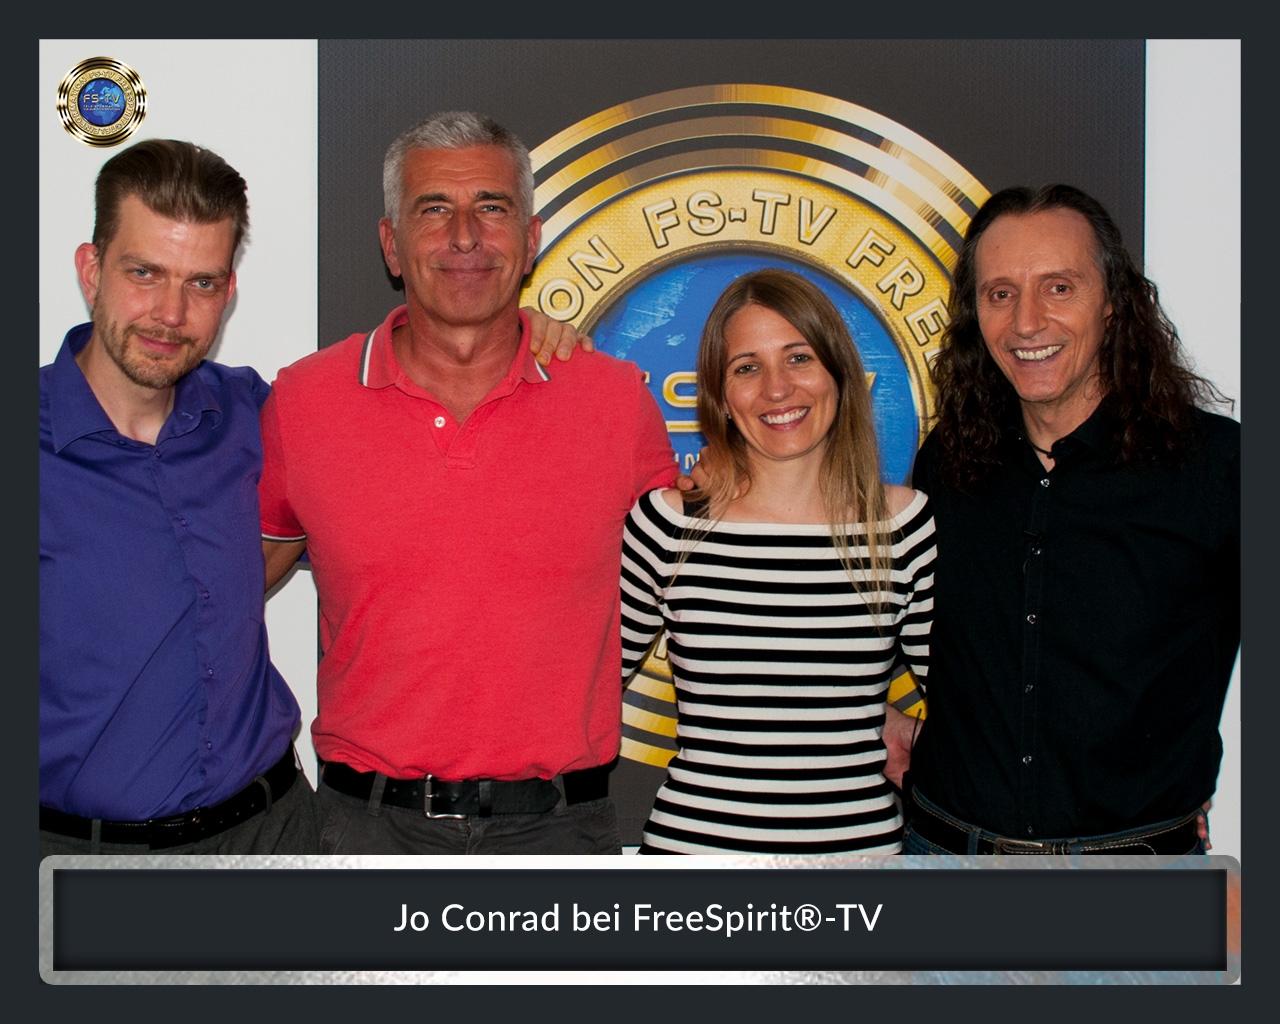 FS-TV-Bildergallerie-Jo-Conrad